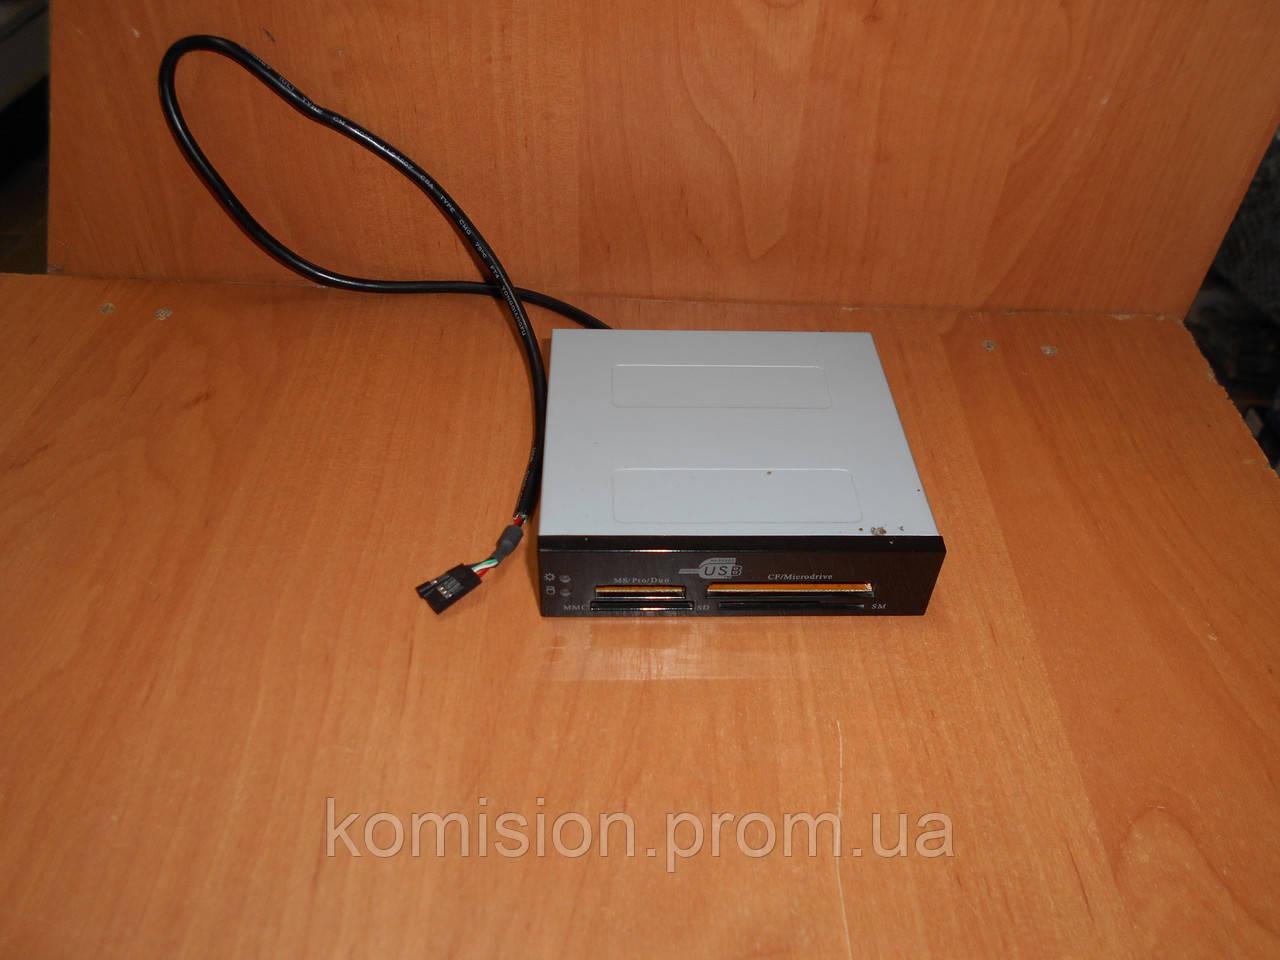 Картридер для компьютера внутренний 2,5